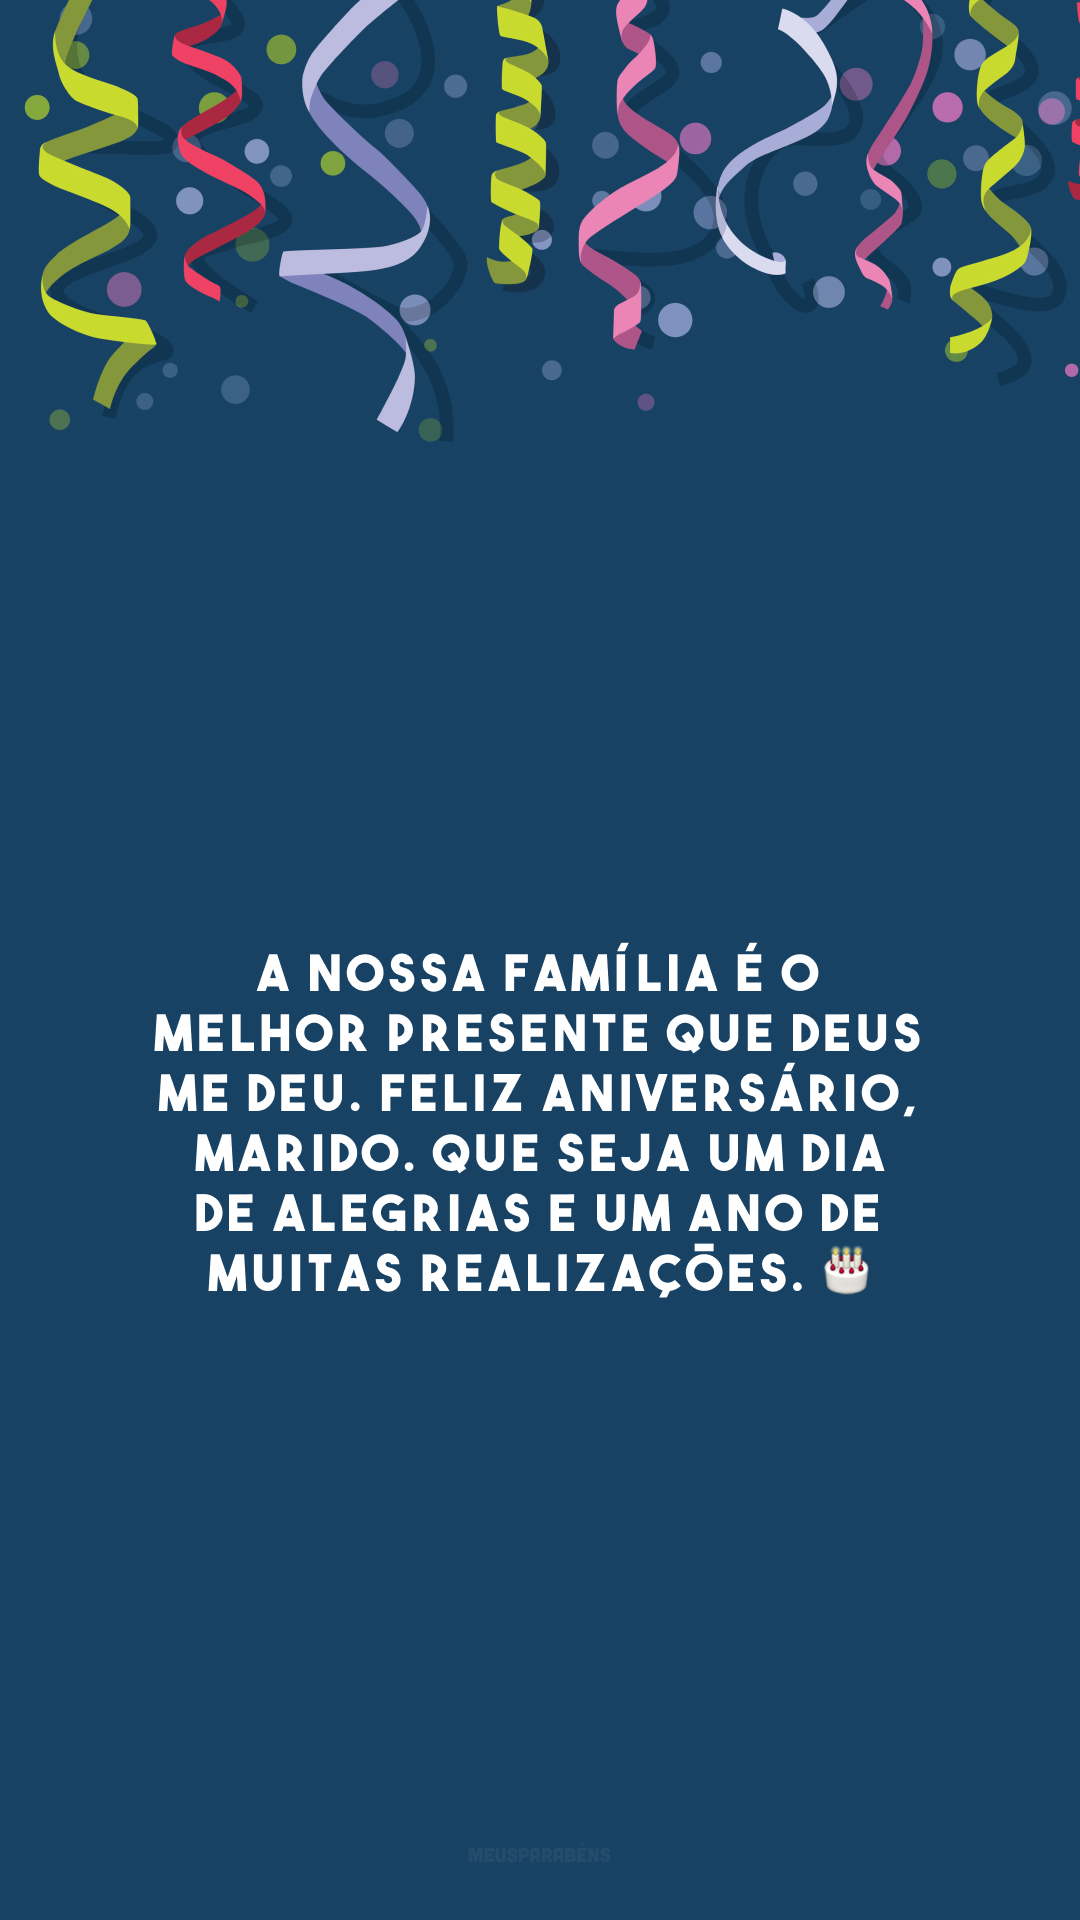 A nossa família é o melhor presente que Deus me deu. Feliz aniversário, marido. Que seja um dia de alegrias e um ano de muitas realizações. 🎂